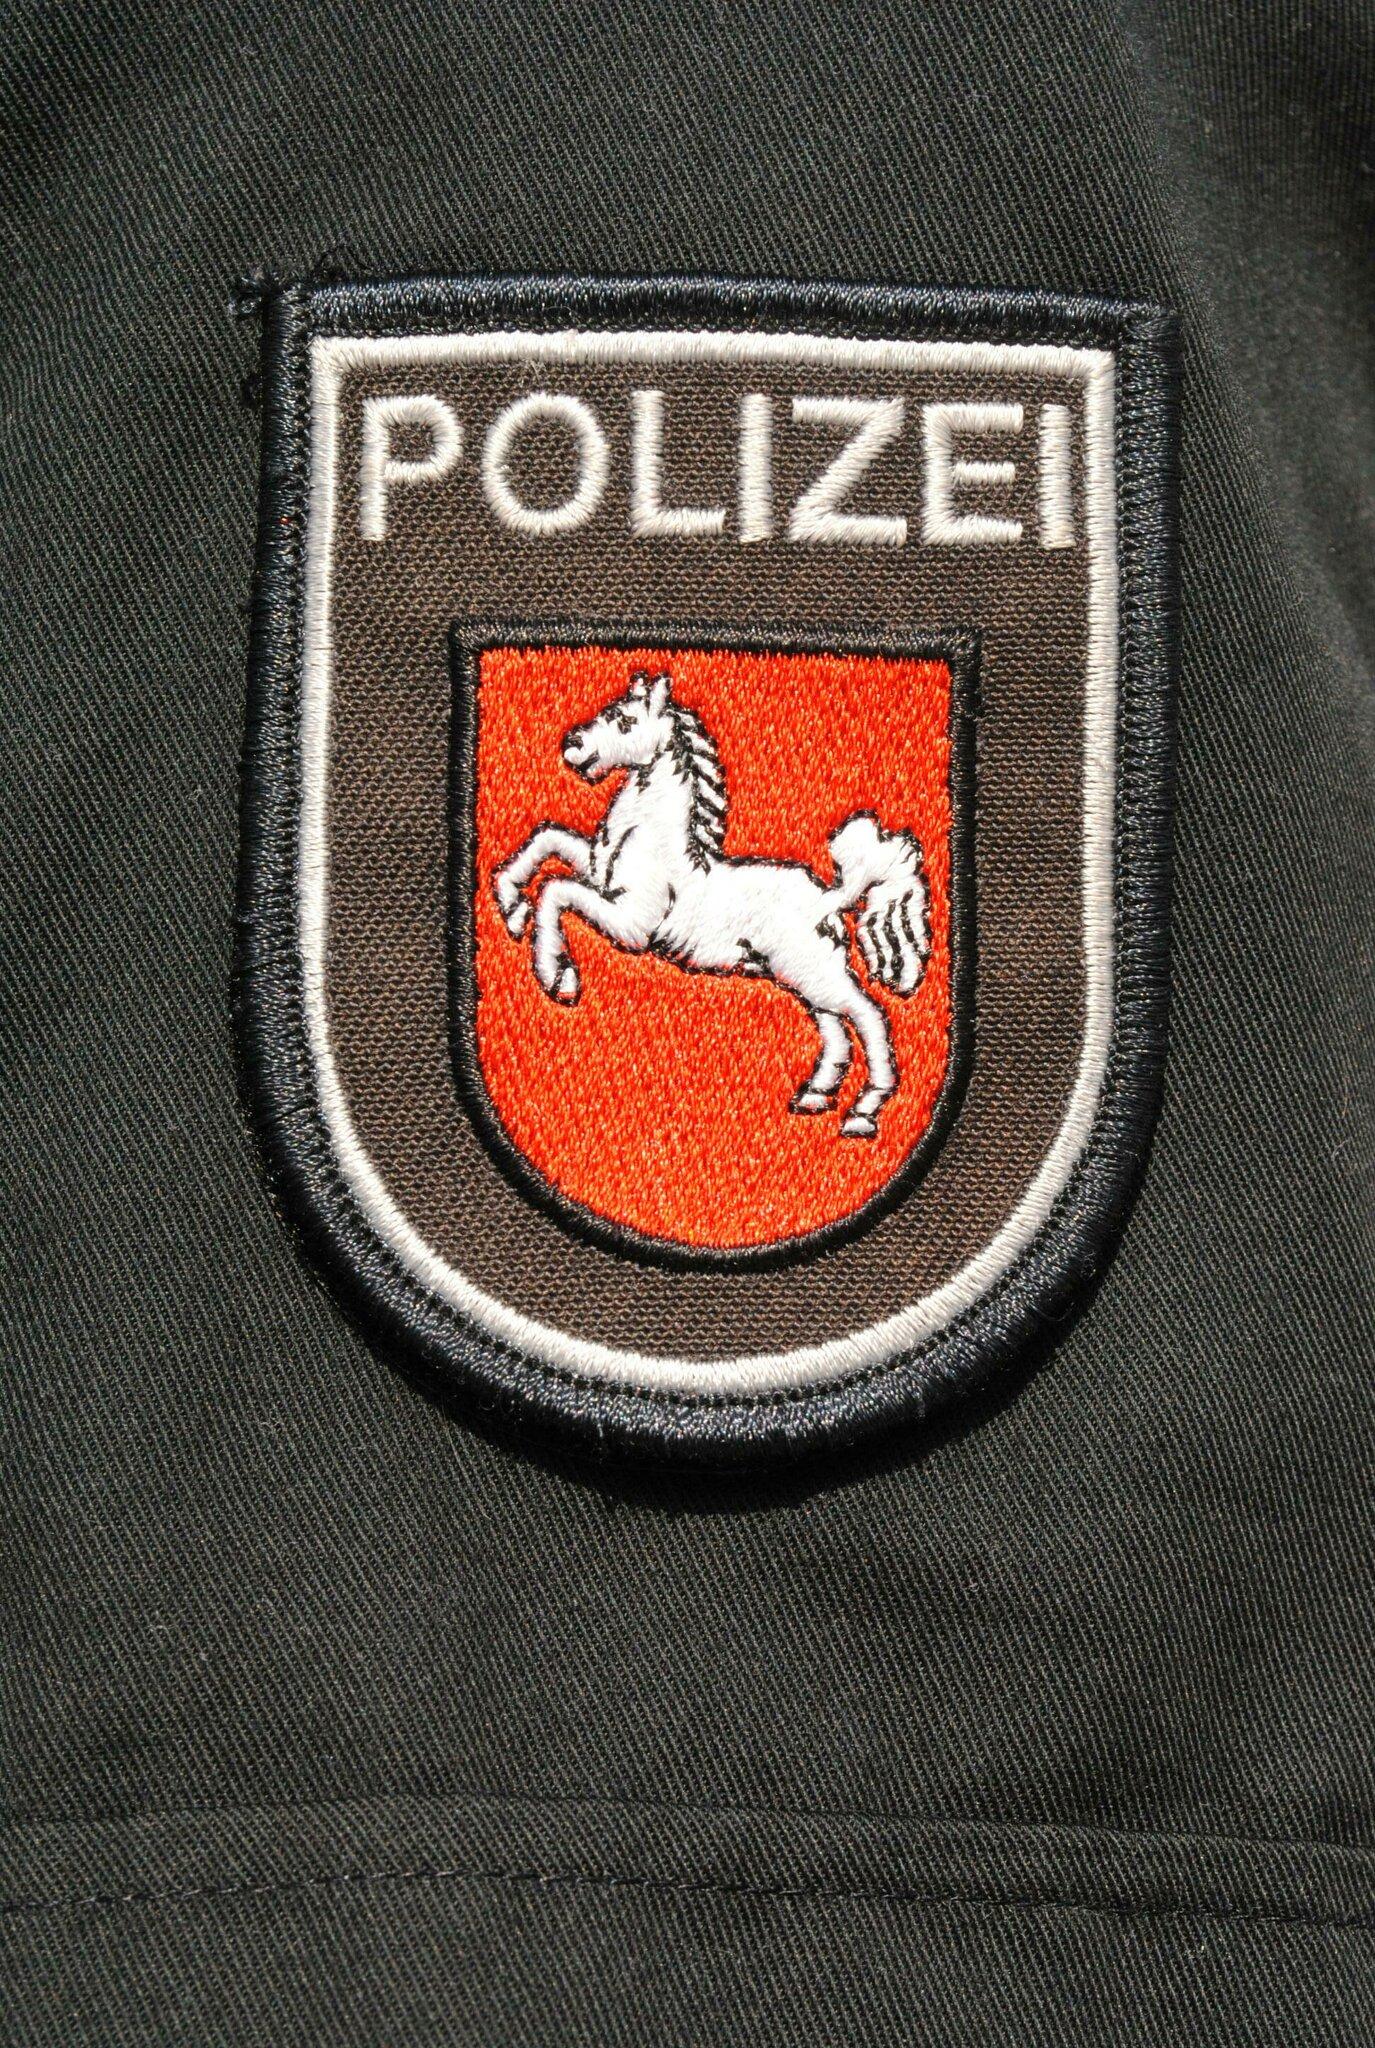 Zwei Jugendliche überfallen                                                                  Messerangriff bei Raubüberfall in Buxtehude